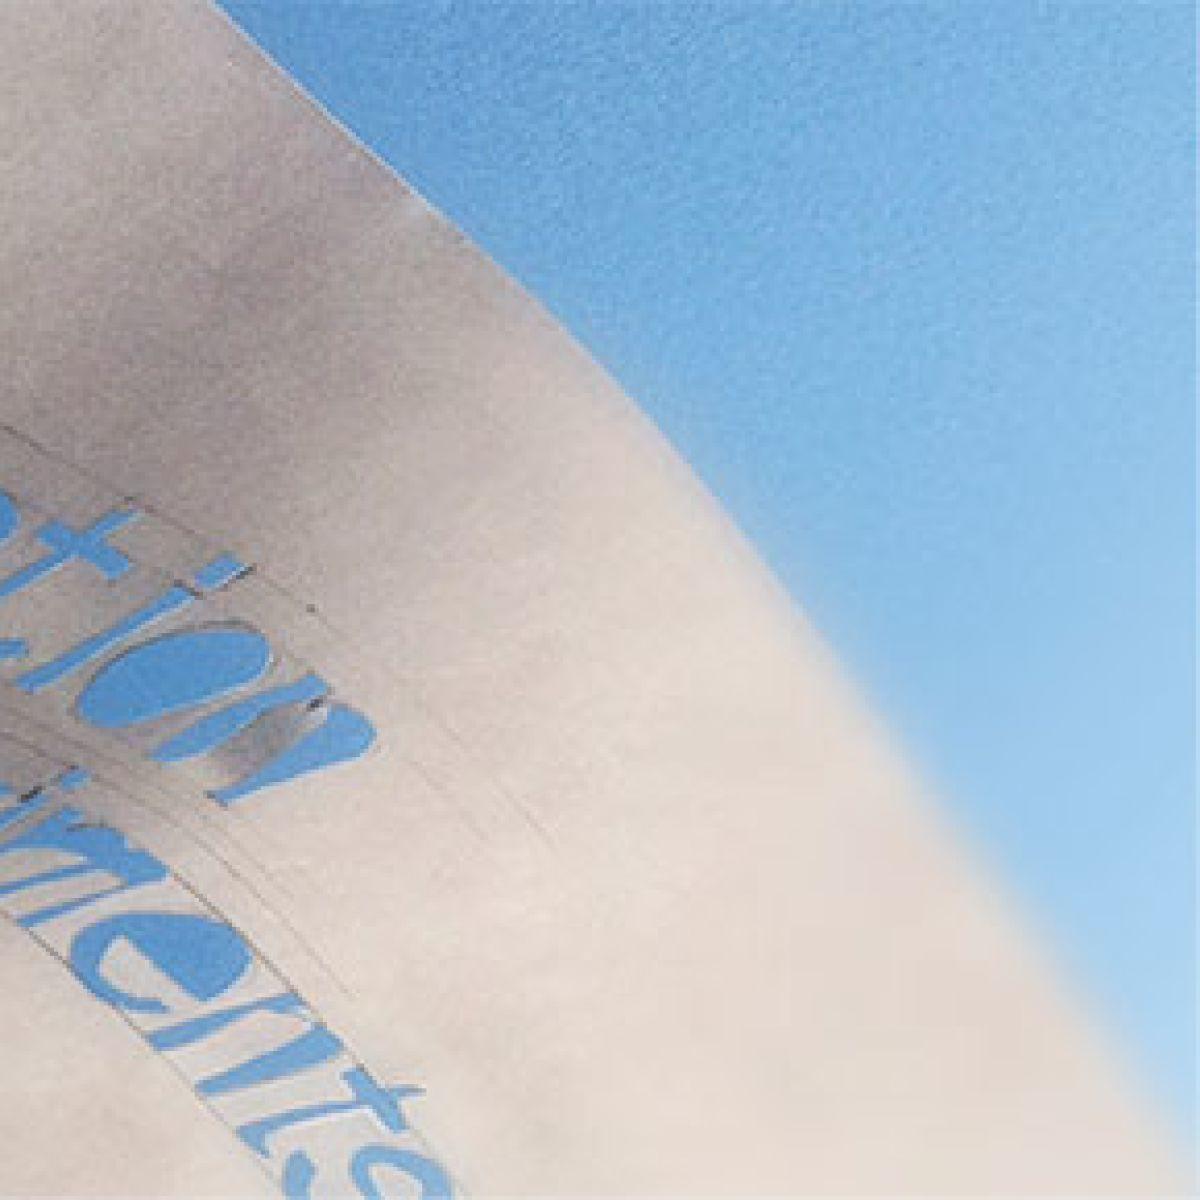 Zaprojektuj roletę przyszłości – konkurs VELUX International Design Award